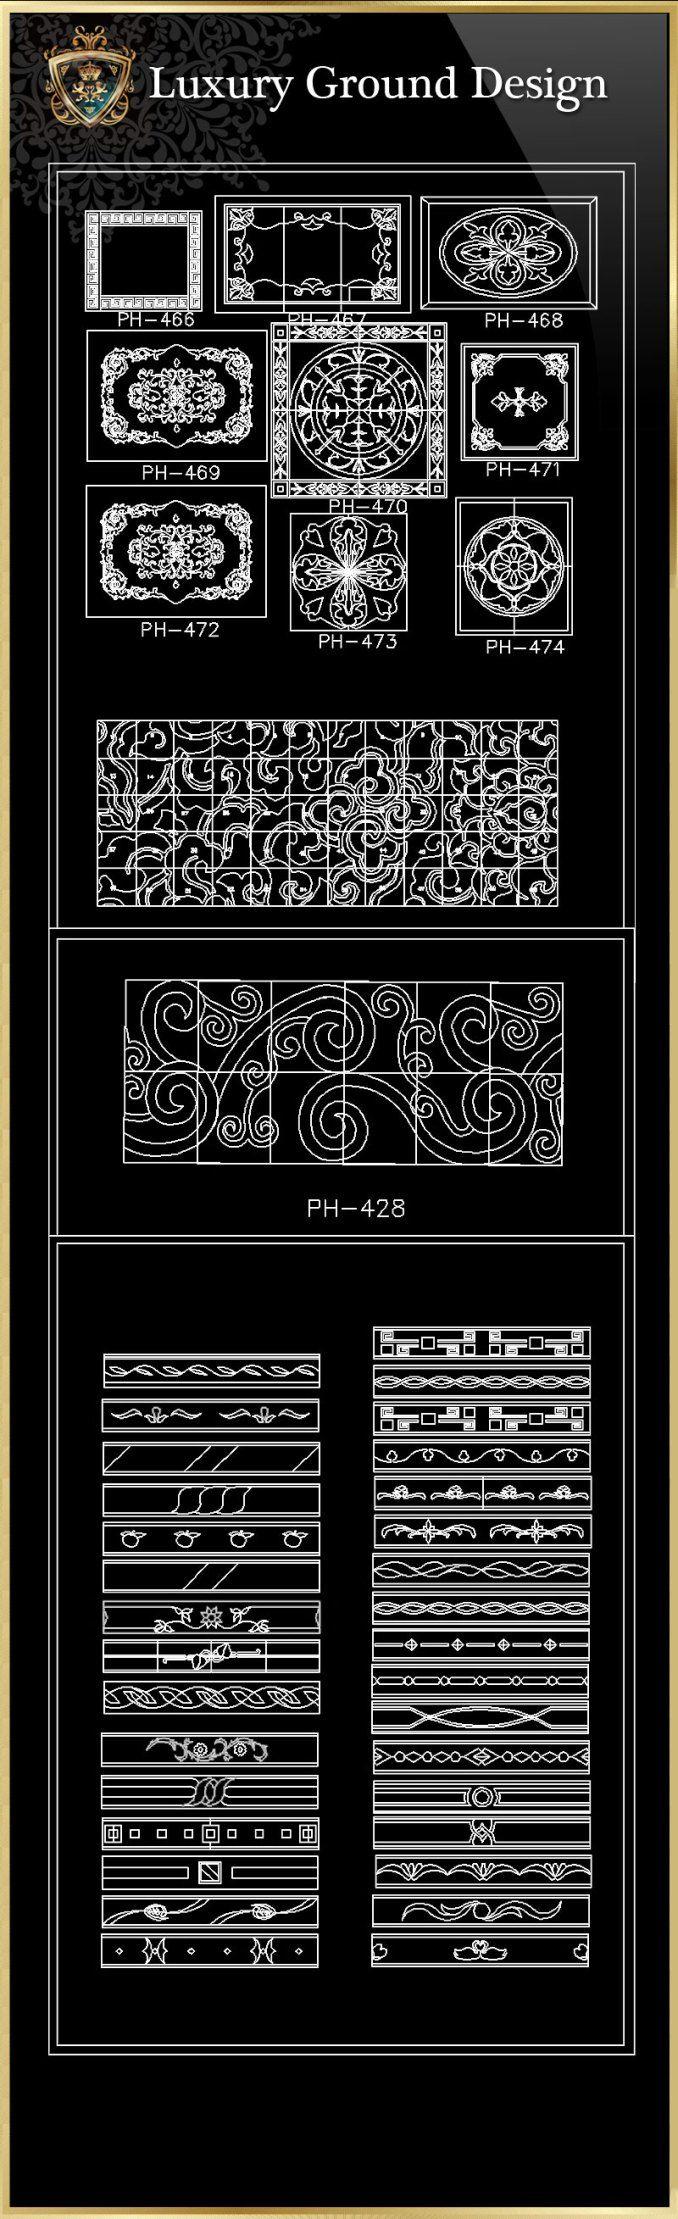 Luxus-Boden-Design-CAD-Blöcke   FREE CAD BLOCKS & ZEICHNUNGEN DOWNLOAD CENTER